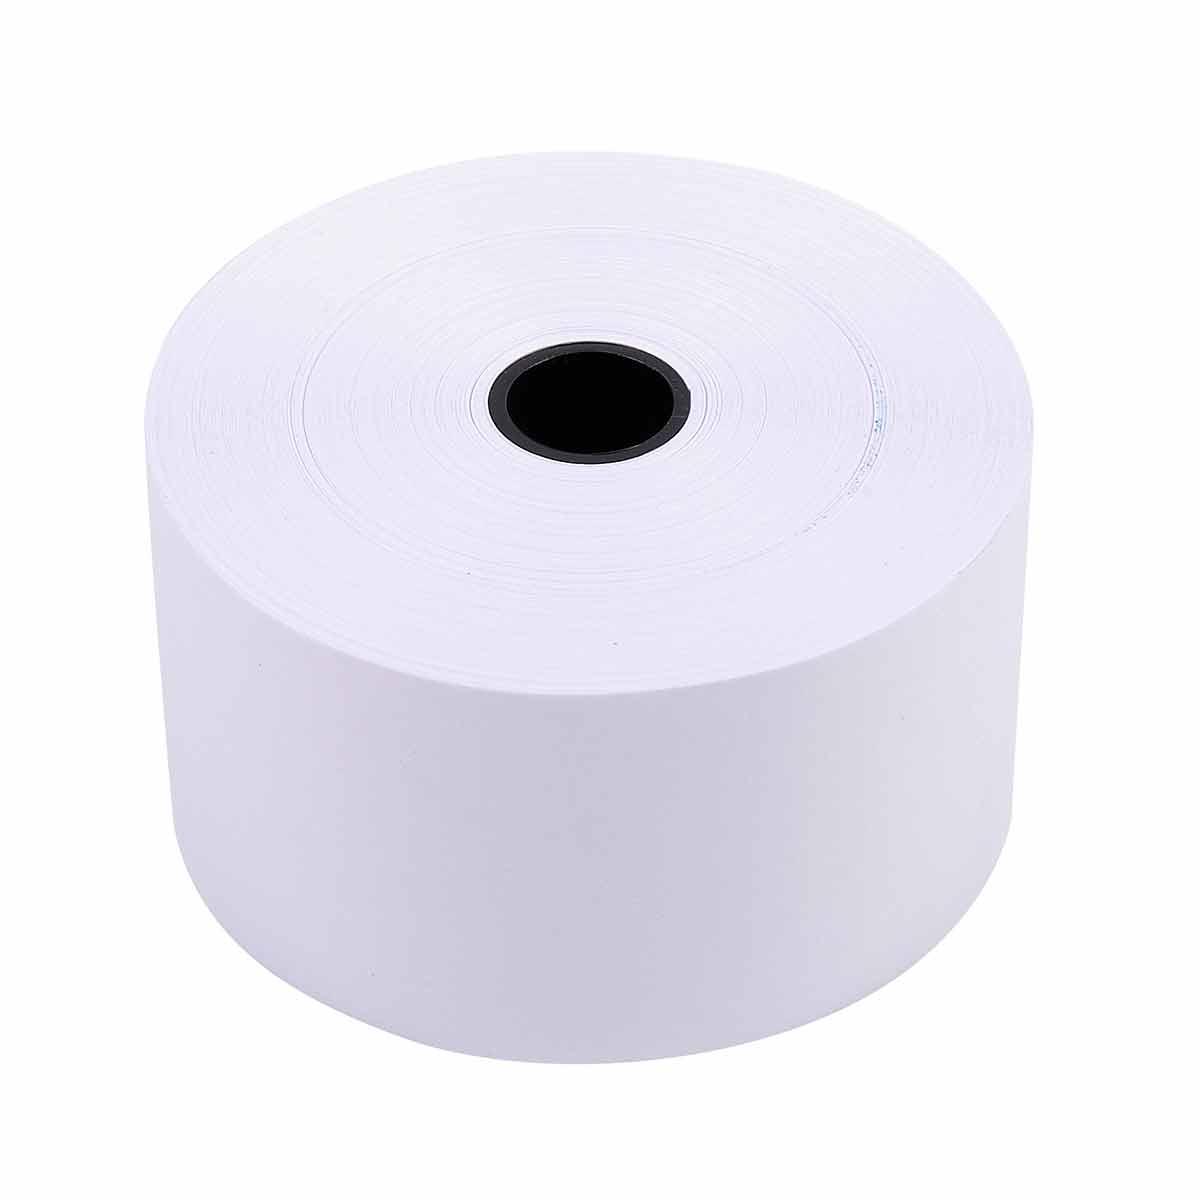 Exacompta Receipt Roll 37x70x12mm 5 Packs of 10